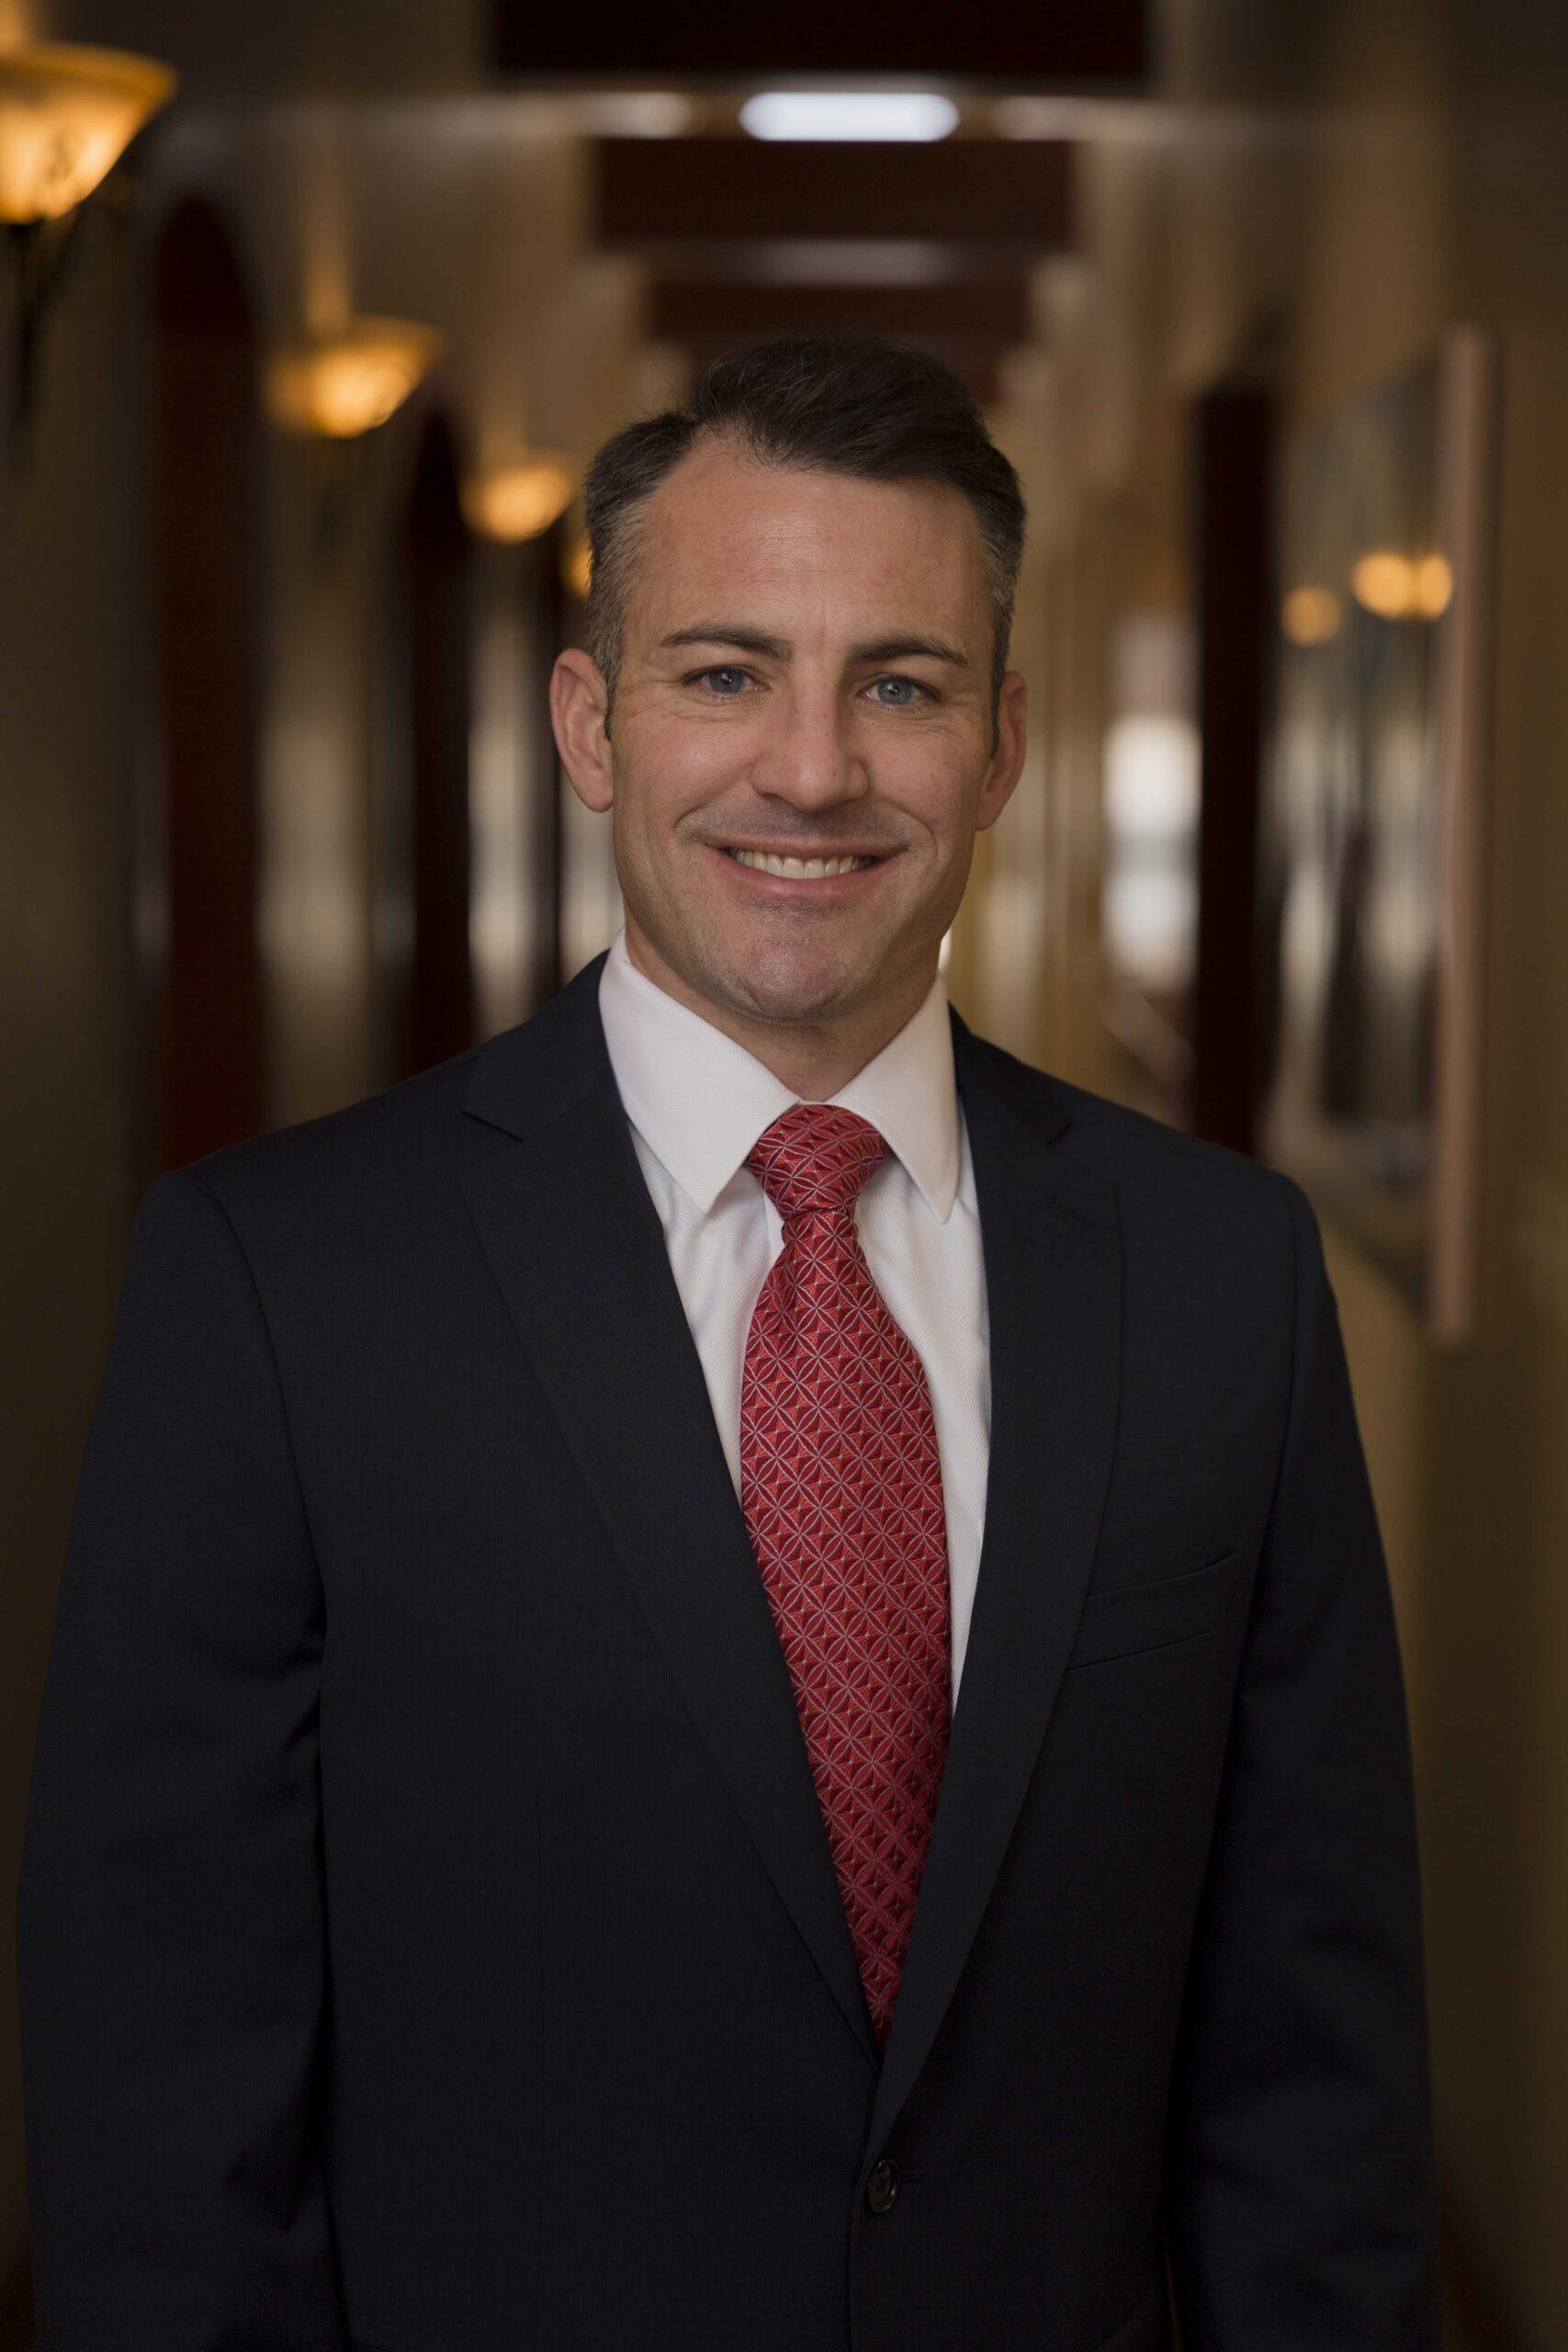 Dr. Ryan D. Hyde